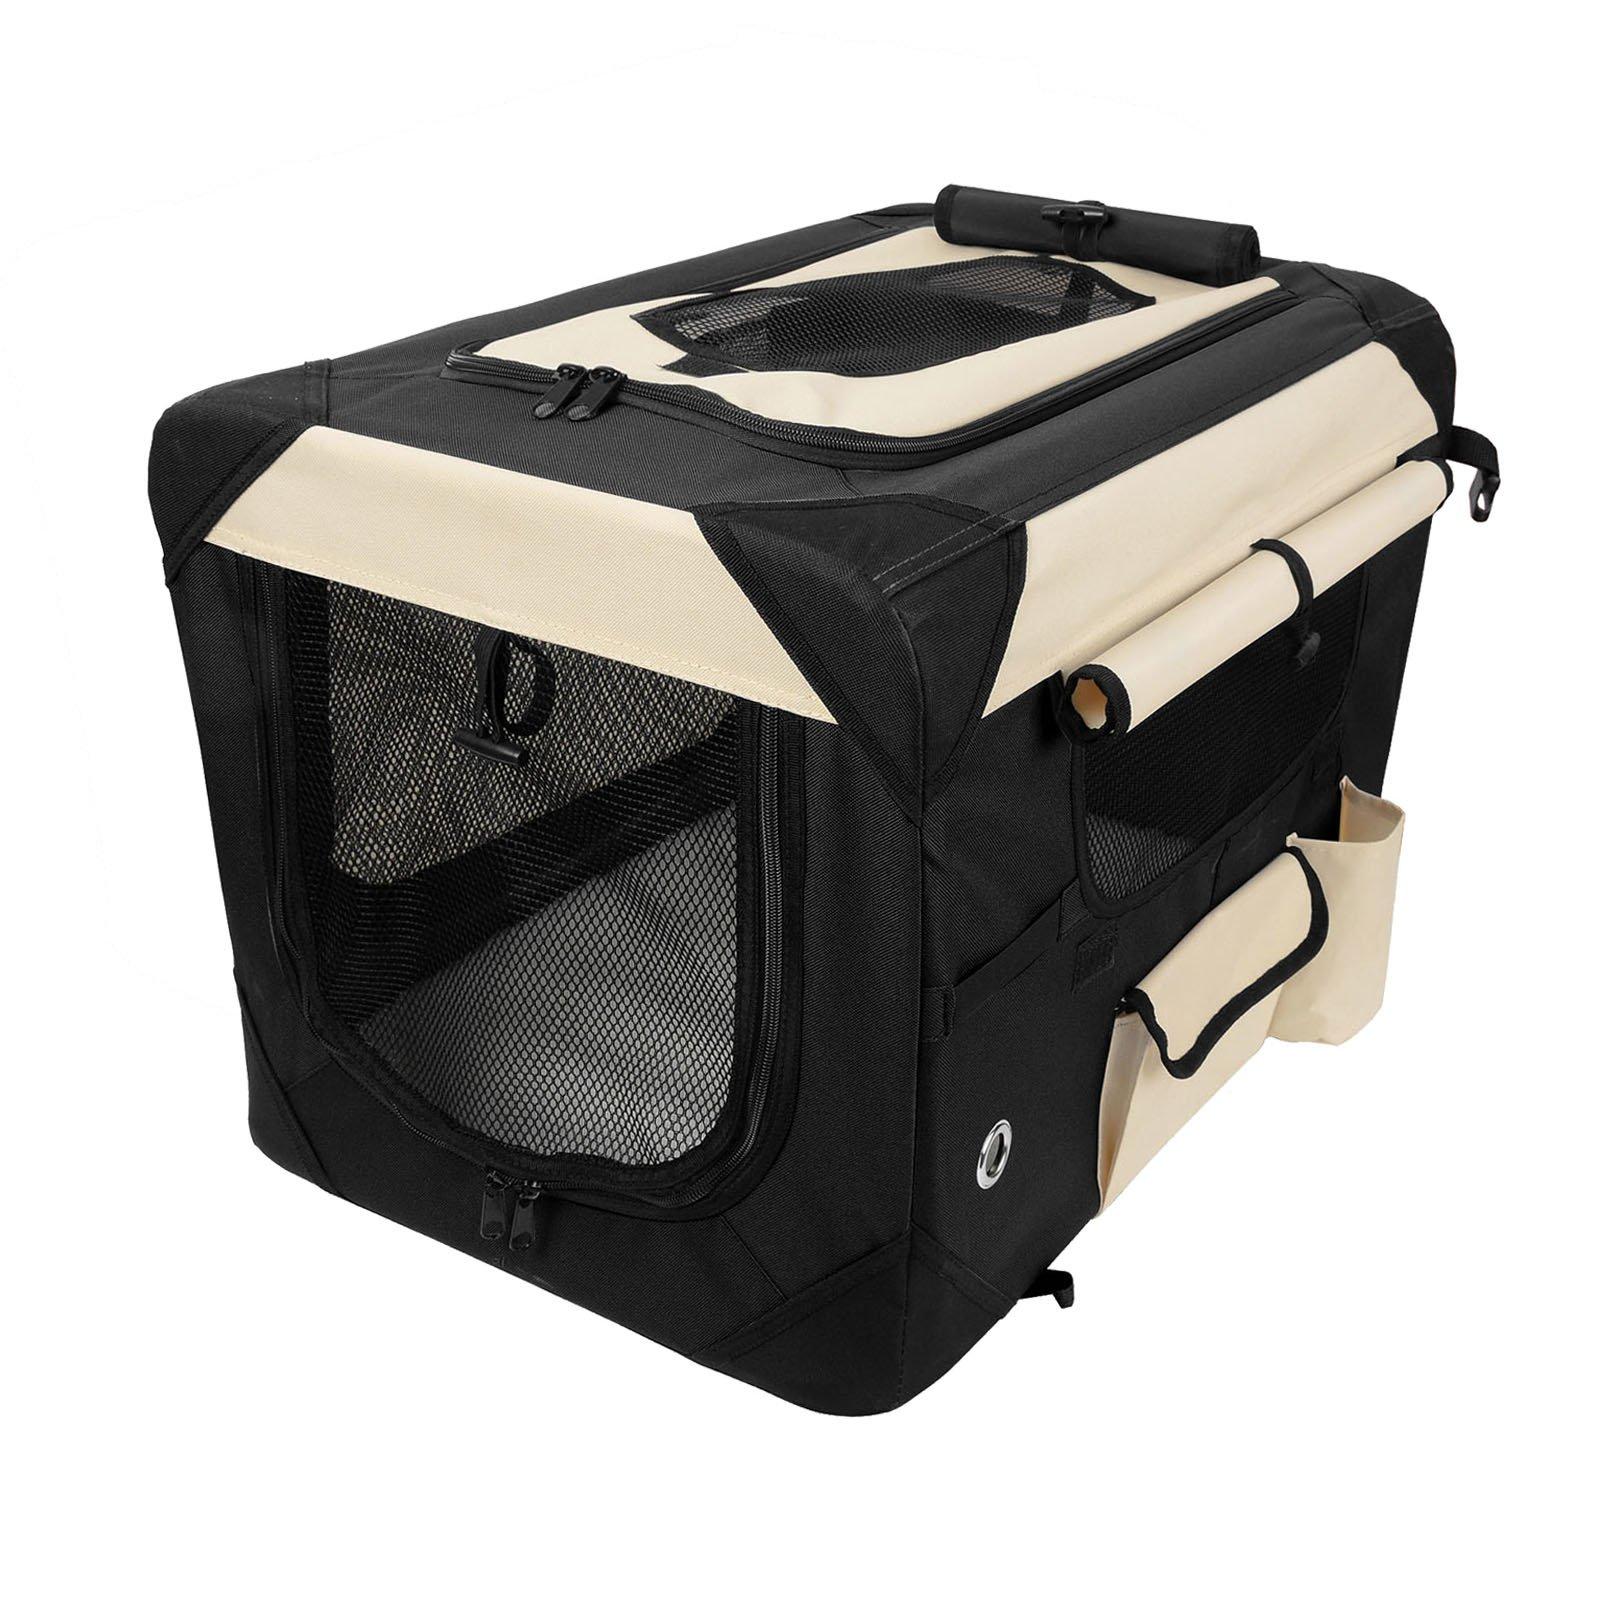 WOLTU Premium Soft Sided Pet Carrier Foldable Pet Travel Crate, Black+Beige, PCS01blkS4-a